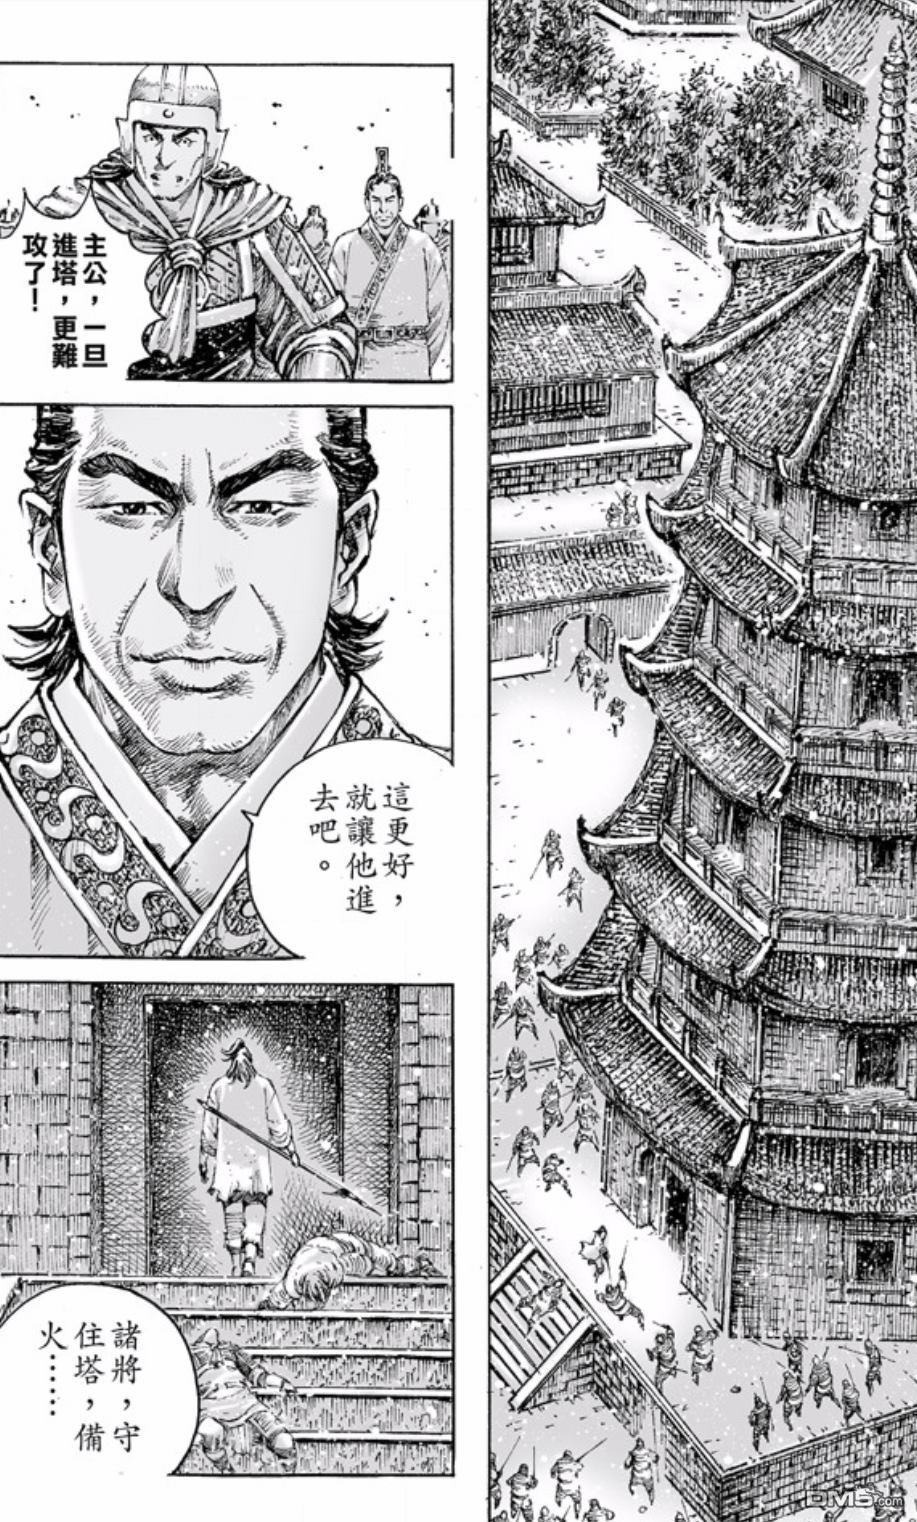 火鳳燎原漫畫火鳳燎原第466回:重回正軌(第17頁)劇情-二次元動漫